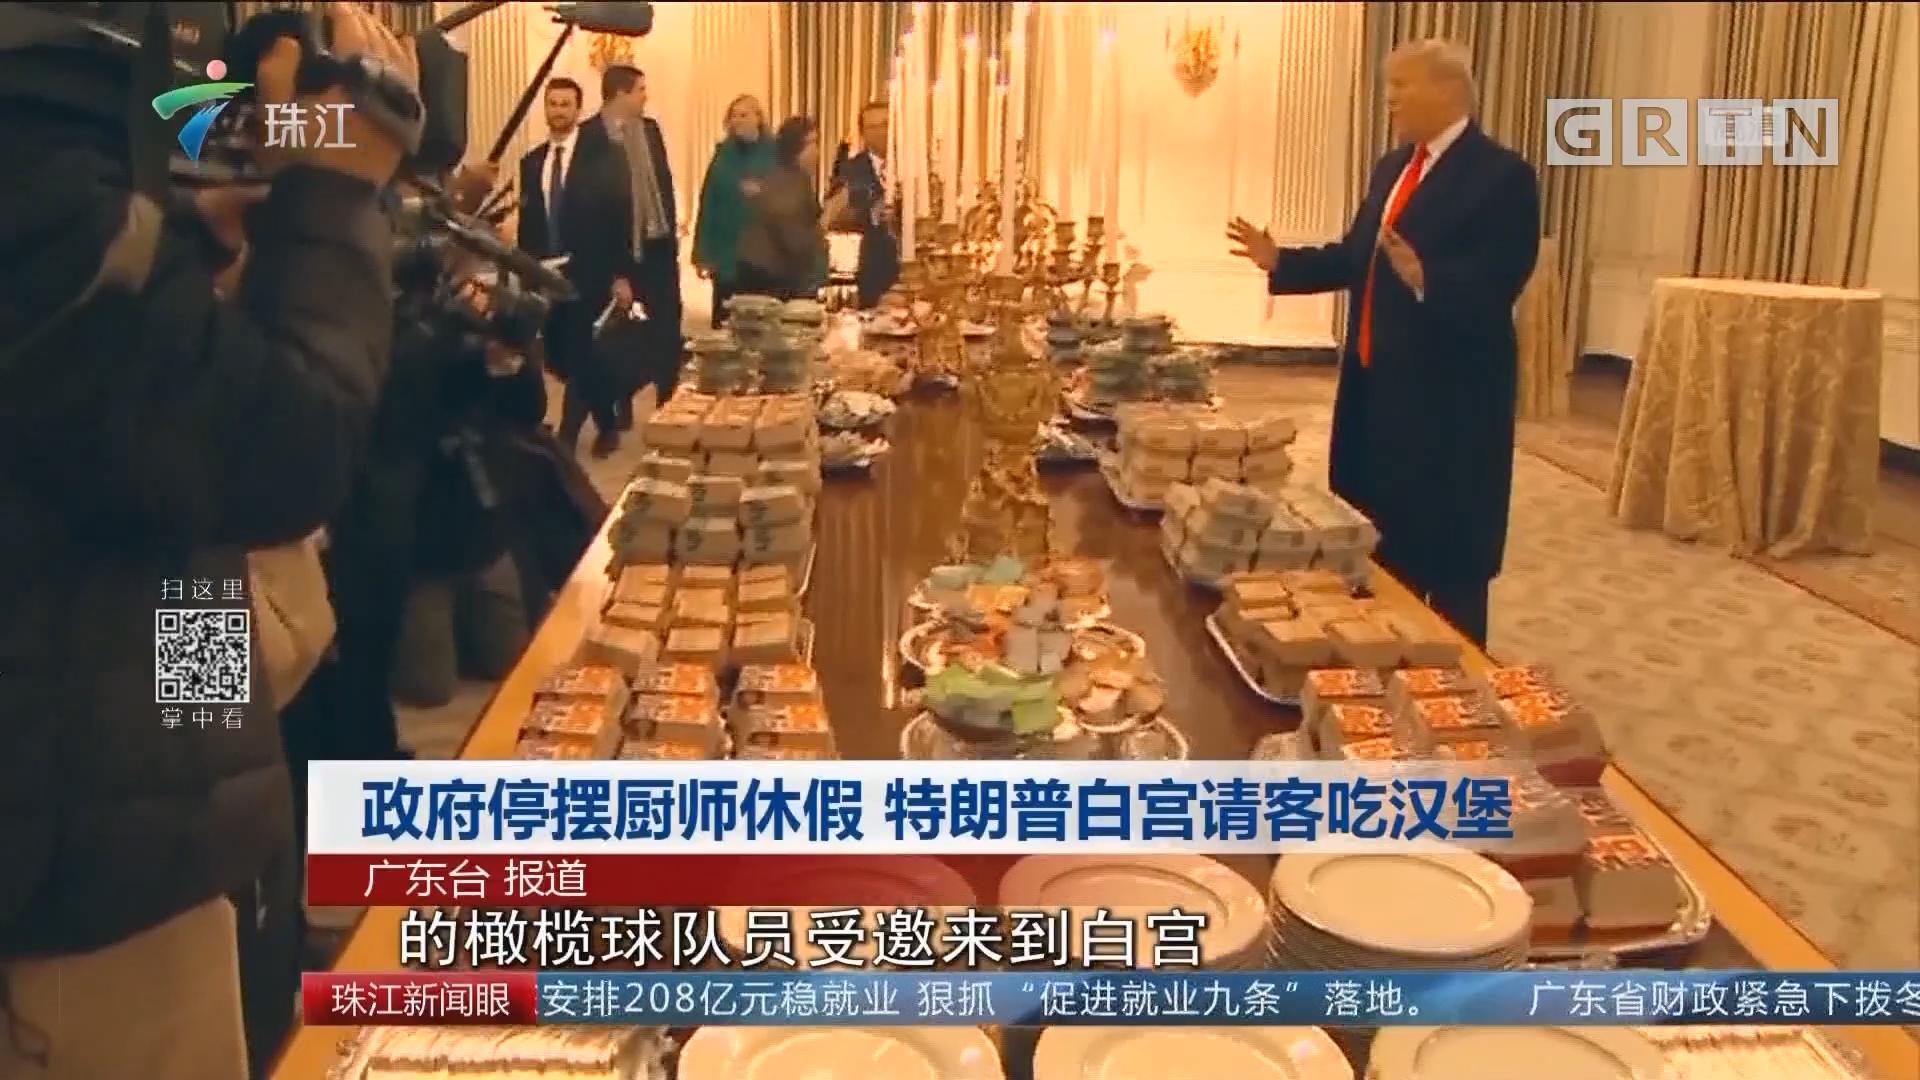 政府停摆厨师休假 特朗普白宫请客吃汉堡